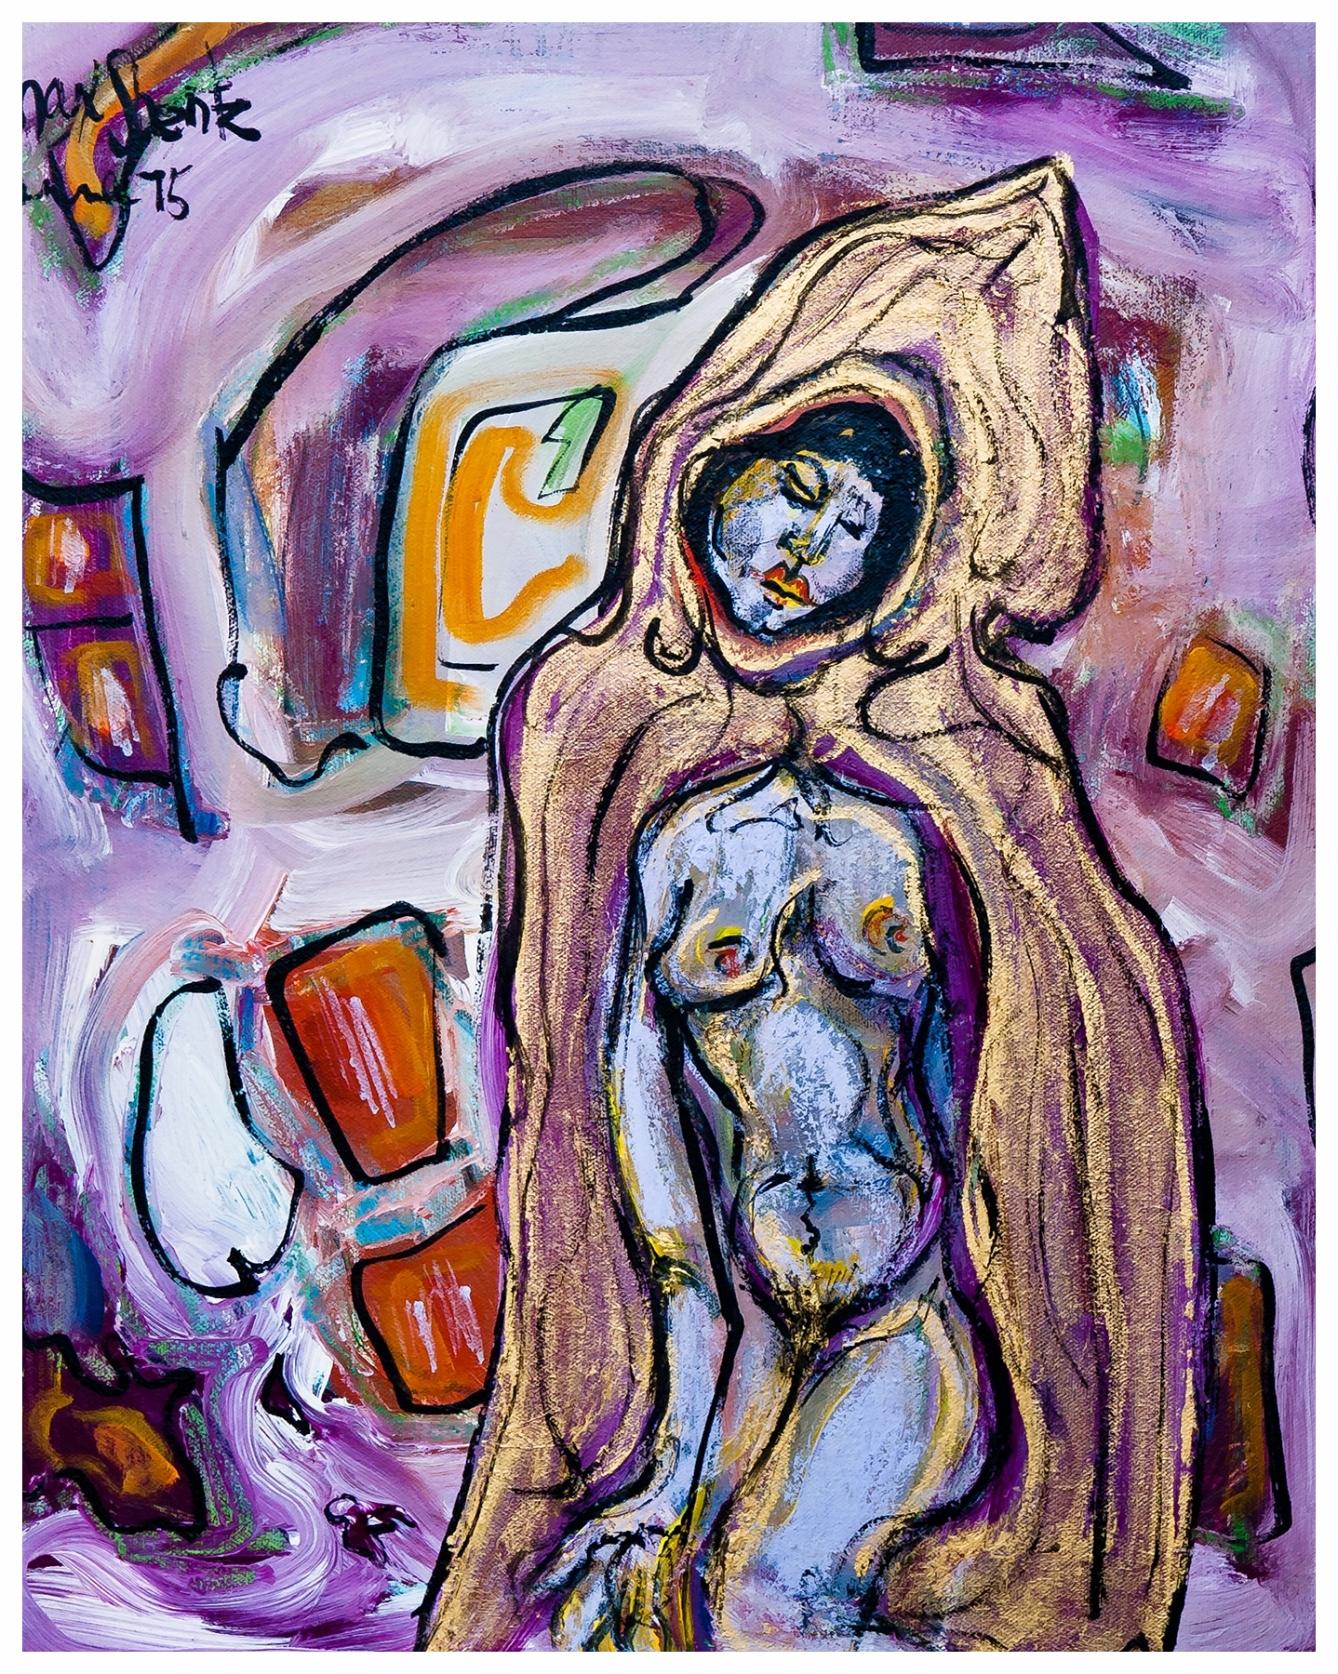 Dreamlike 1975 12x9 Mixed Medium